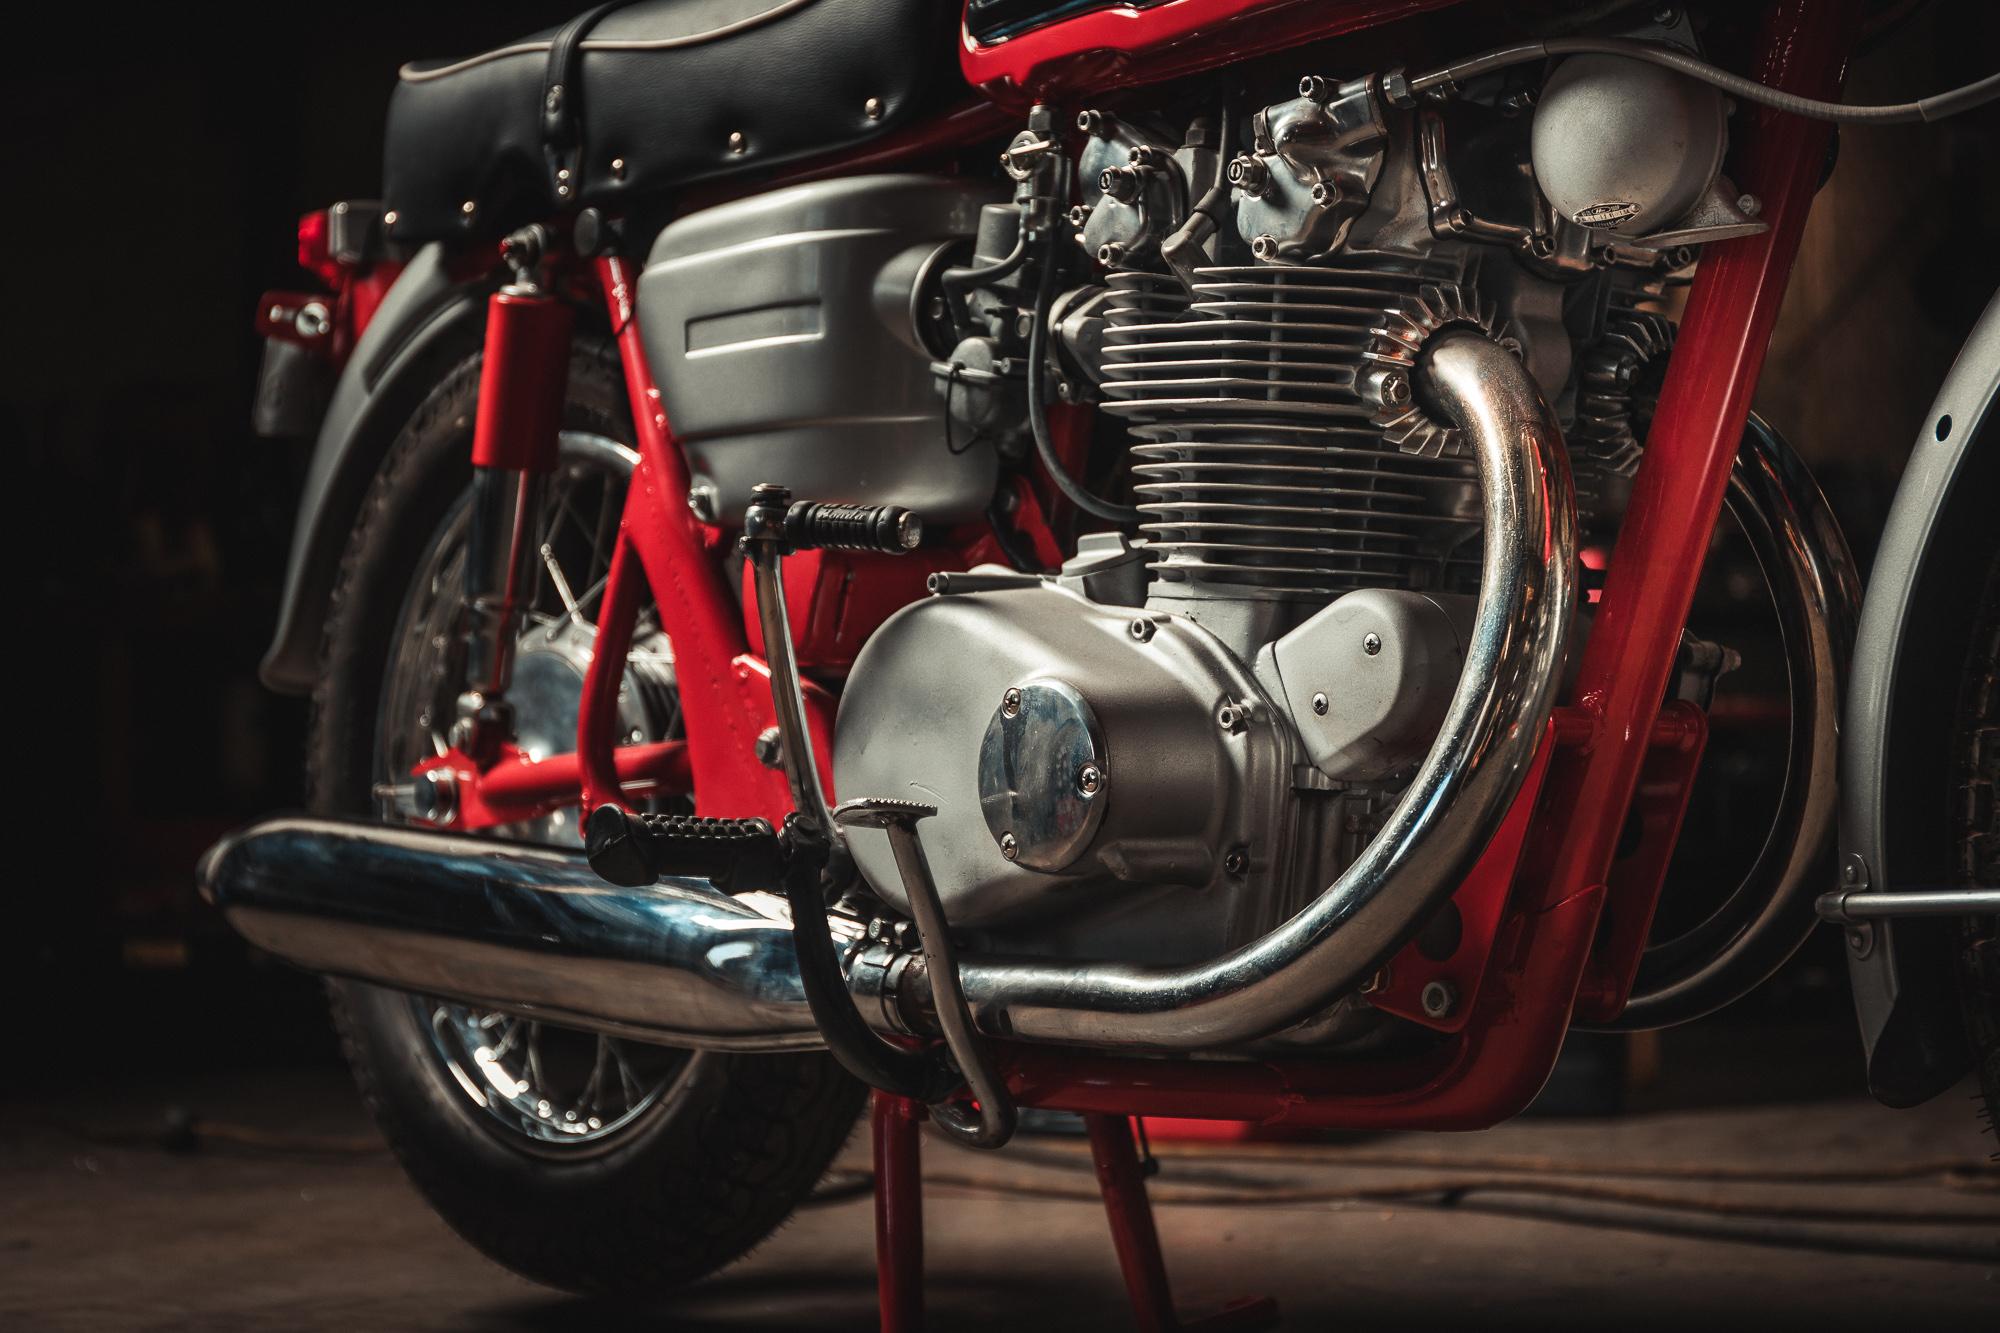 1966 Cb 450 Red Dragon